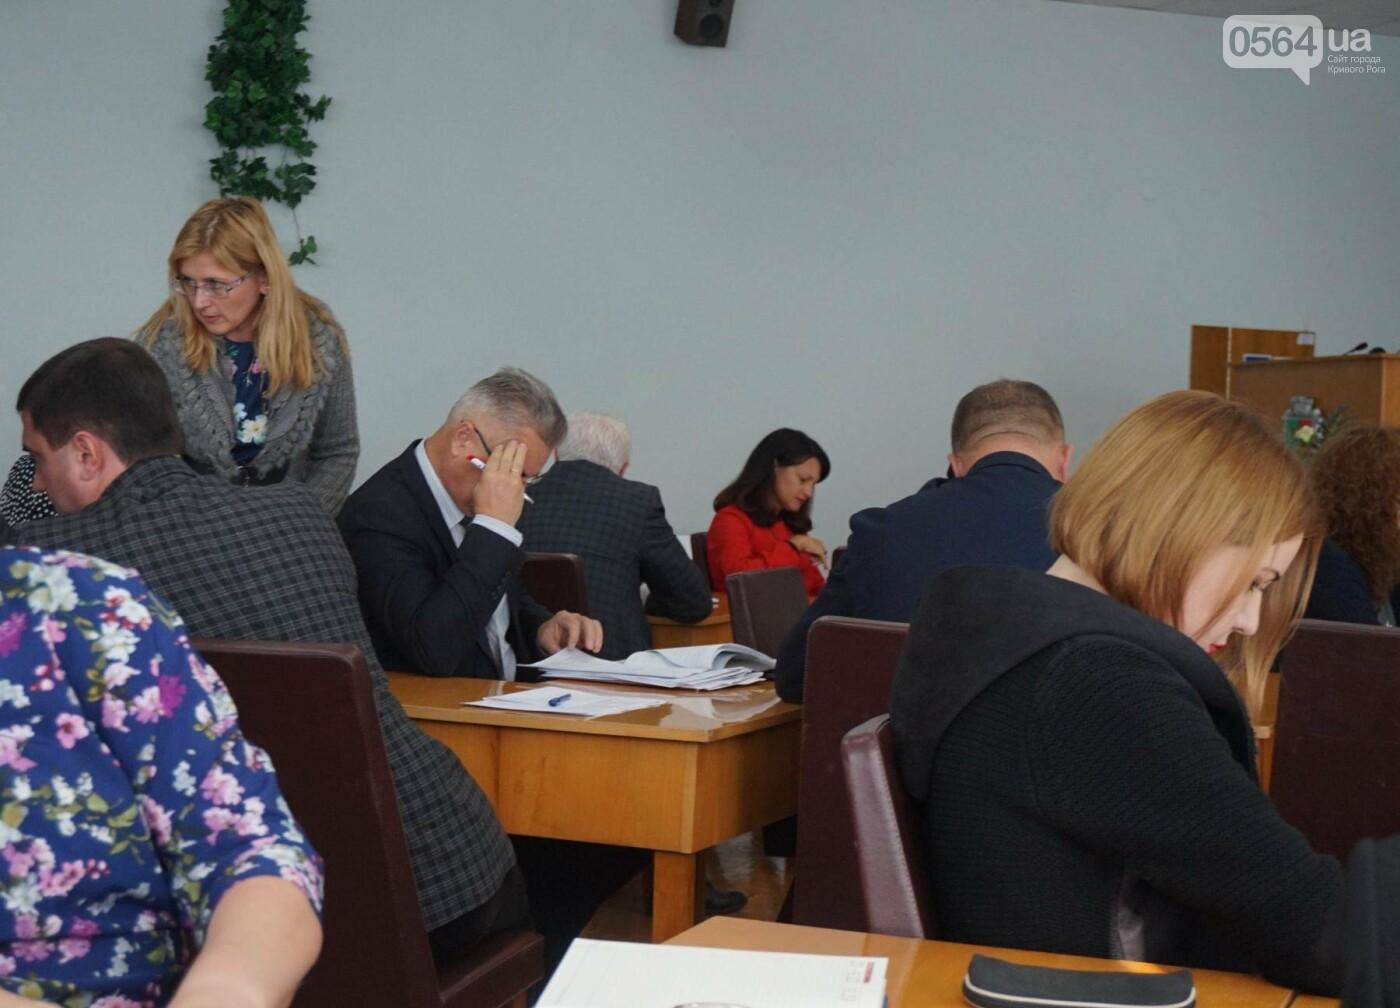 """""""Мы что, так хорошо отработали, что недостатков нет?"""" - криворожский мэр об итогах оздоровительной кампании (ФОТО), фото-1"""